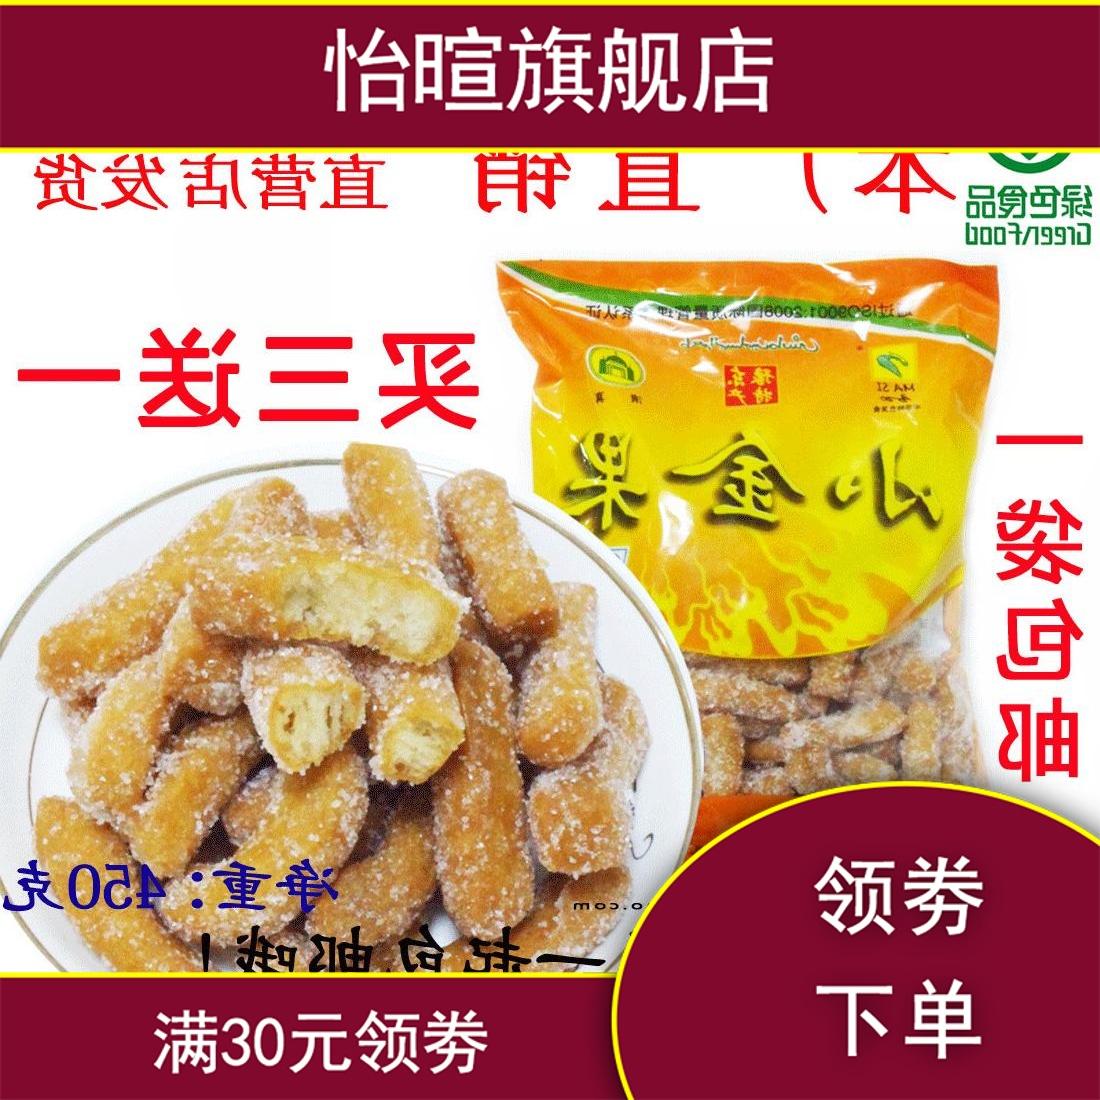 新款 包邮河南特产果品果子传统糕点江米条小金果450g包装天津江